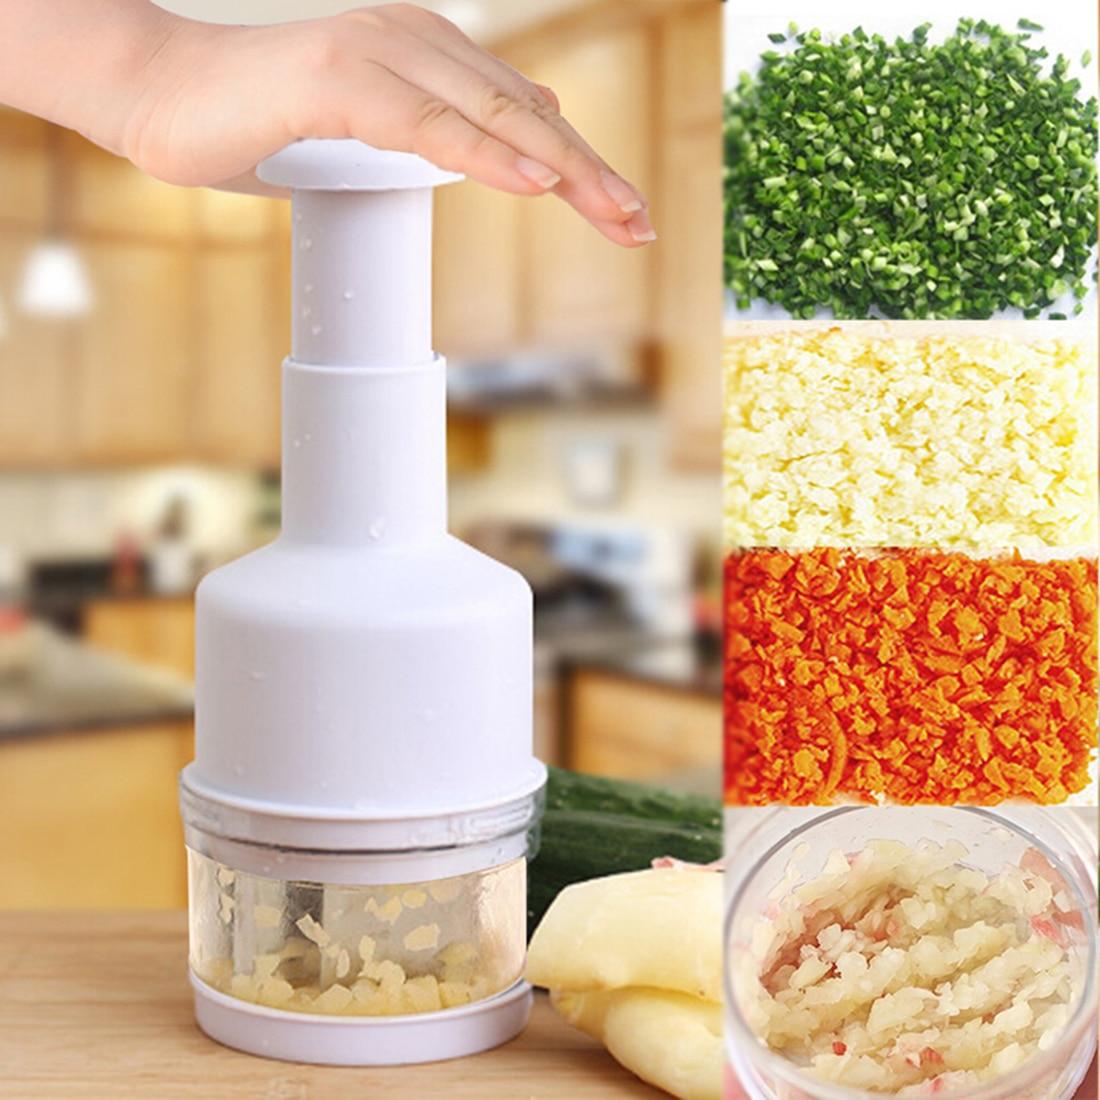 جديد أسلوب أدوات المطبخ الضغط الخضار البصل والثوم المروحية القاطع القطاعة القشارة أداة الطبخ متعددة الوظائف لون عشوائي